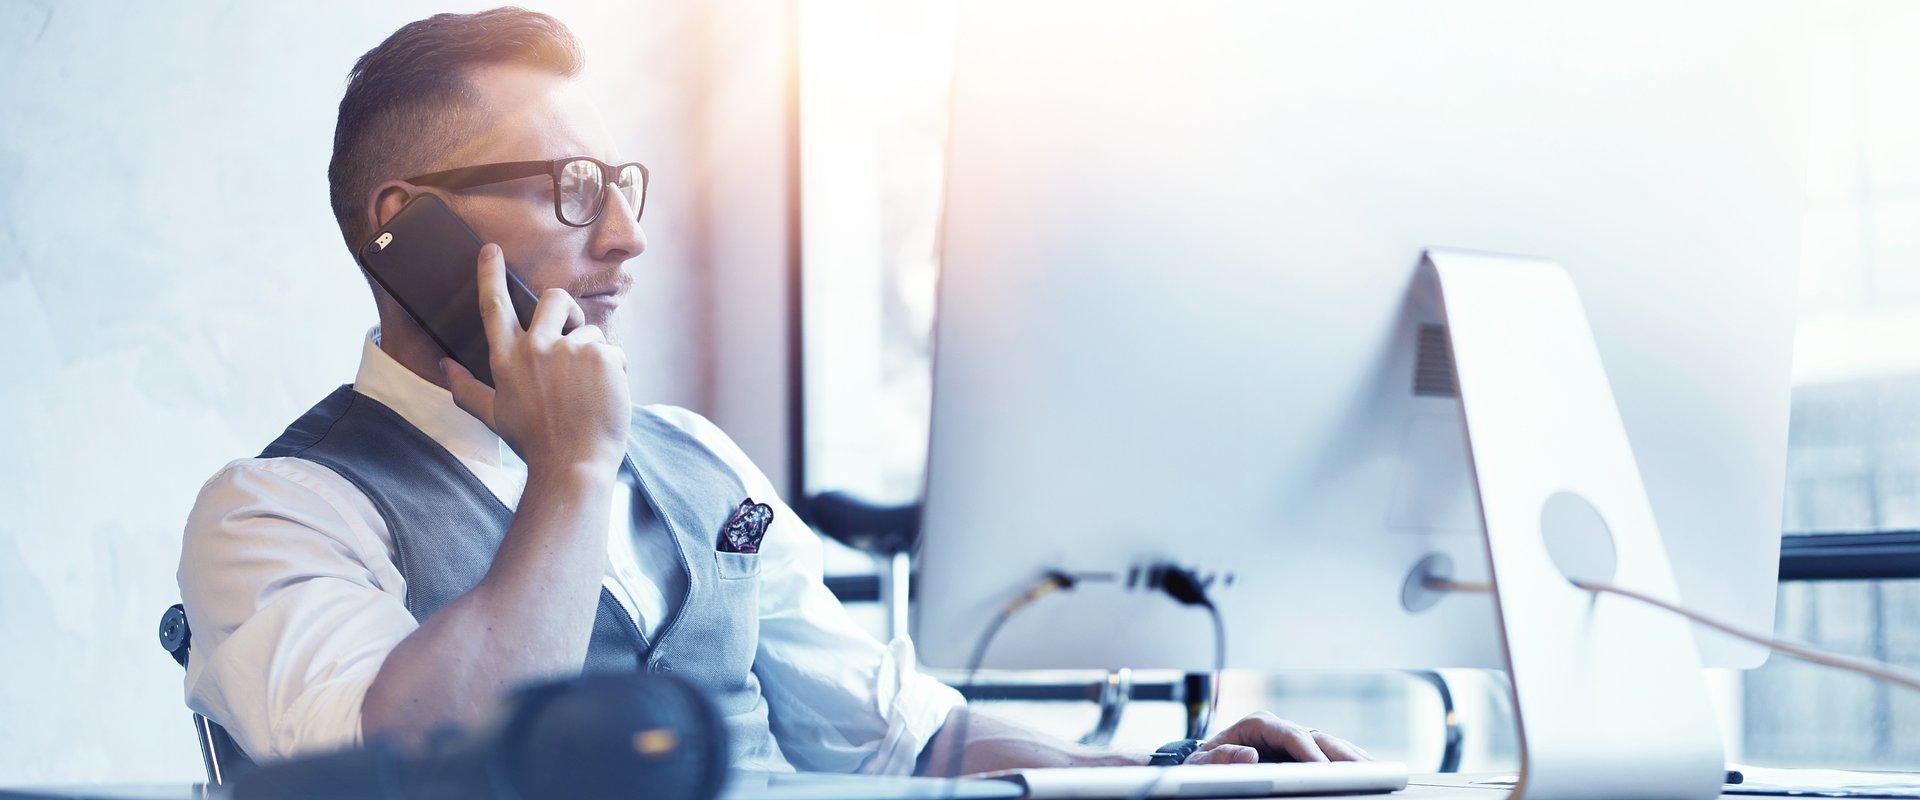 UPC Biznes wspiera klientów w cyfrowej transformacji - pakiet Microsoft 365 Business Basic przez 6 miesięcy za 0 zł